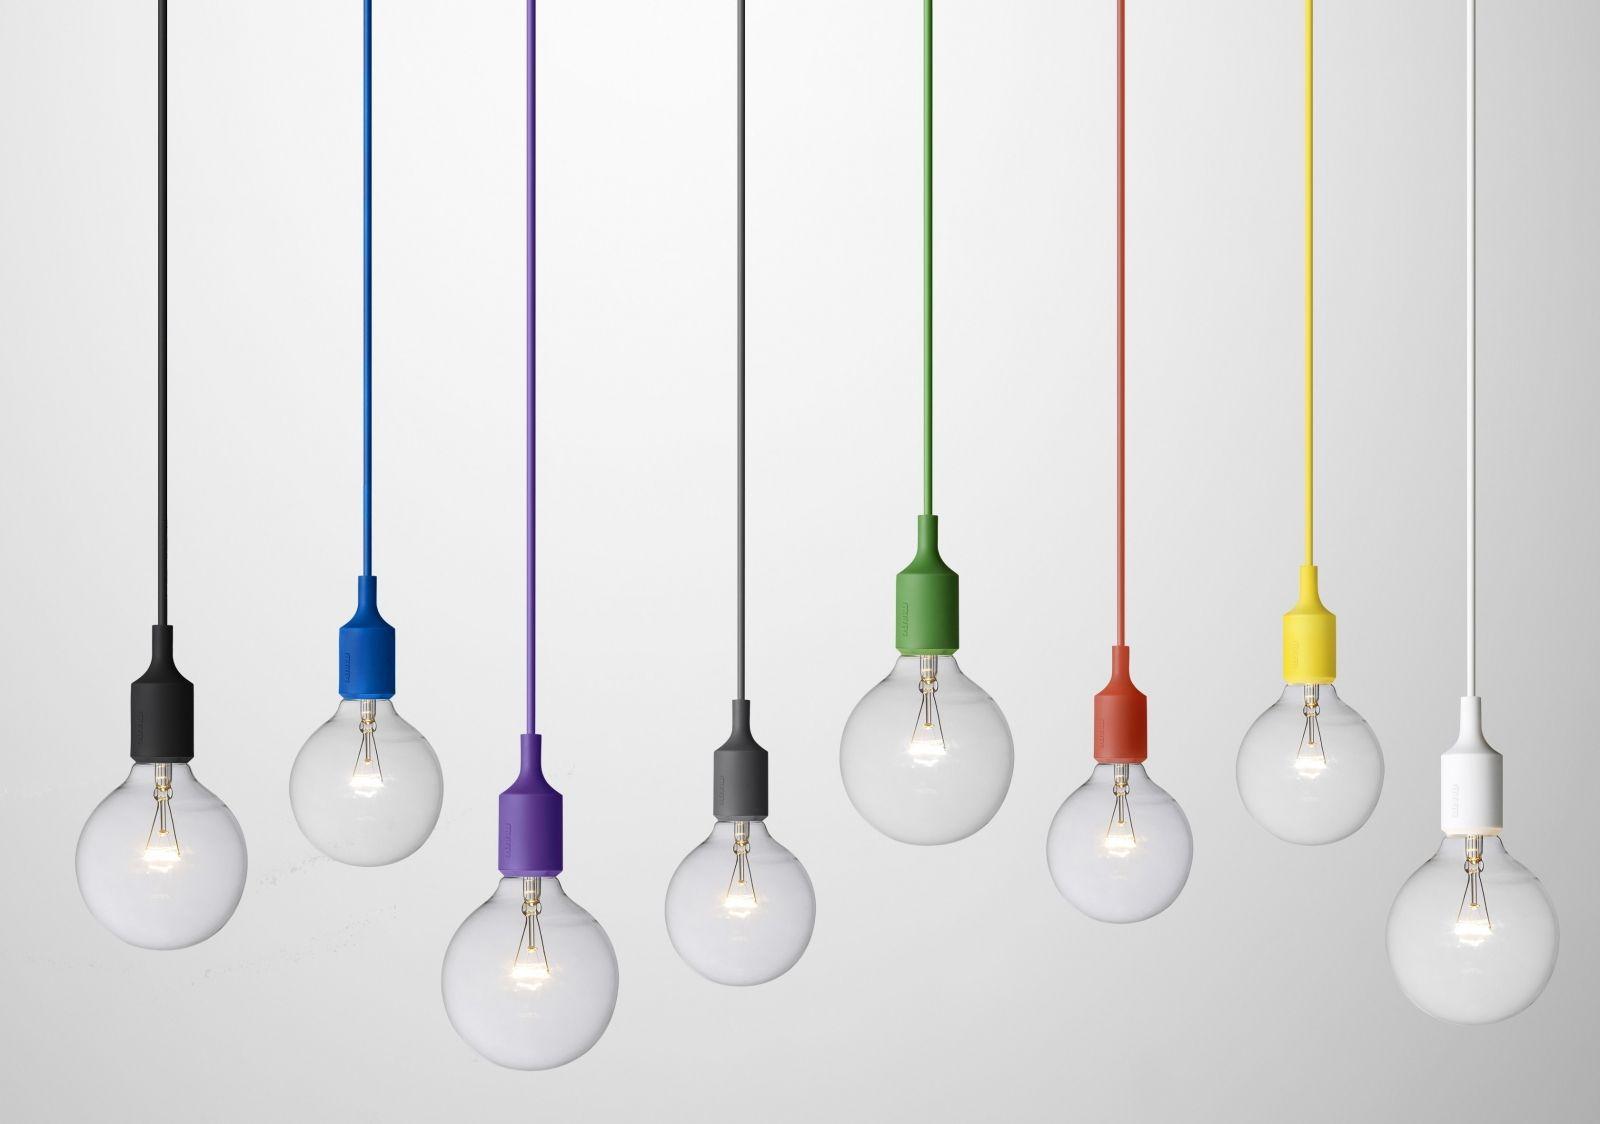 Muuto E27 Hanglamp : Muuto e hanglamp scandinavisch design lighting